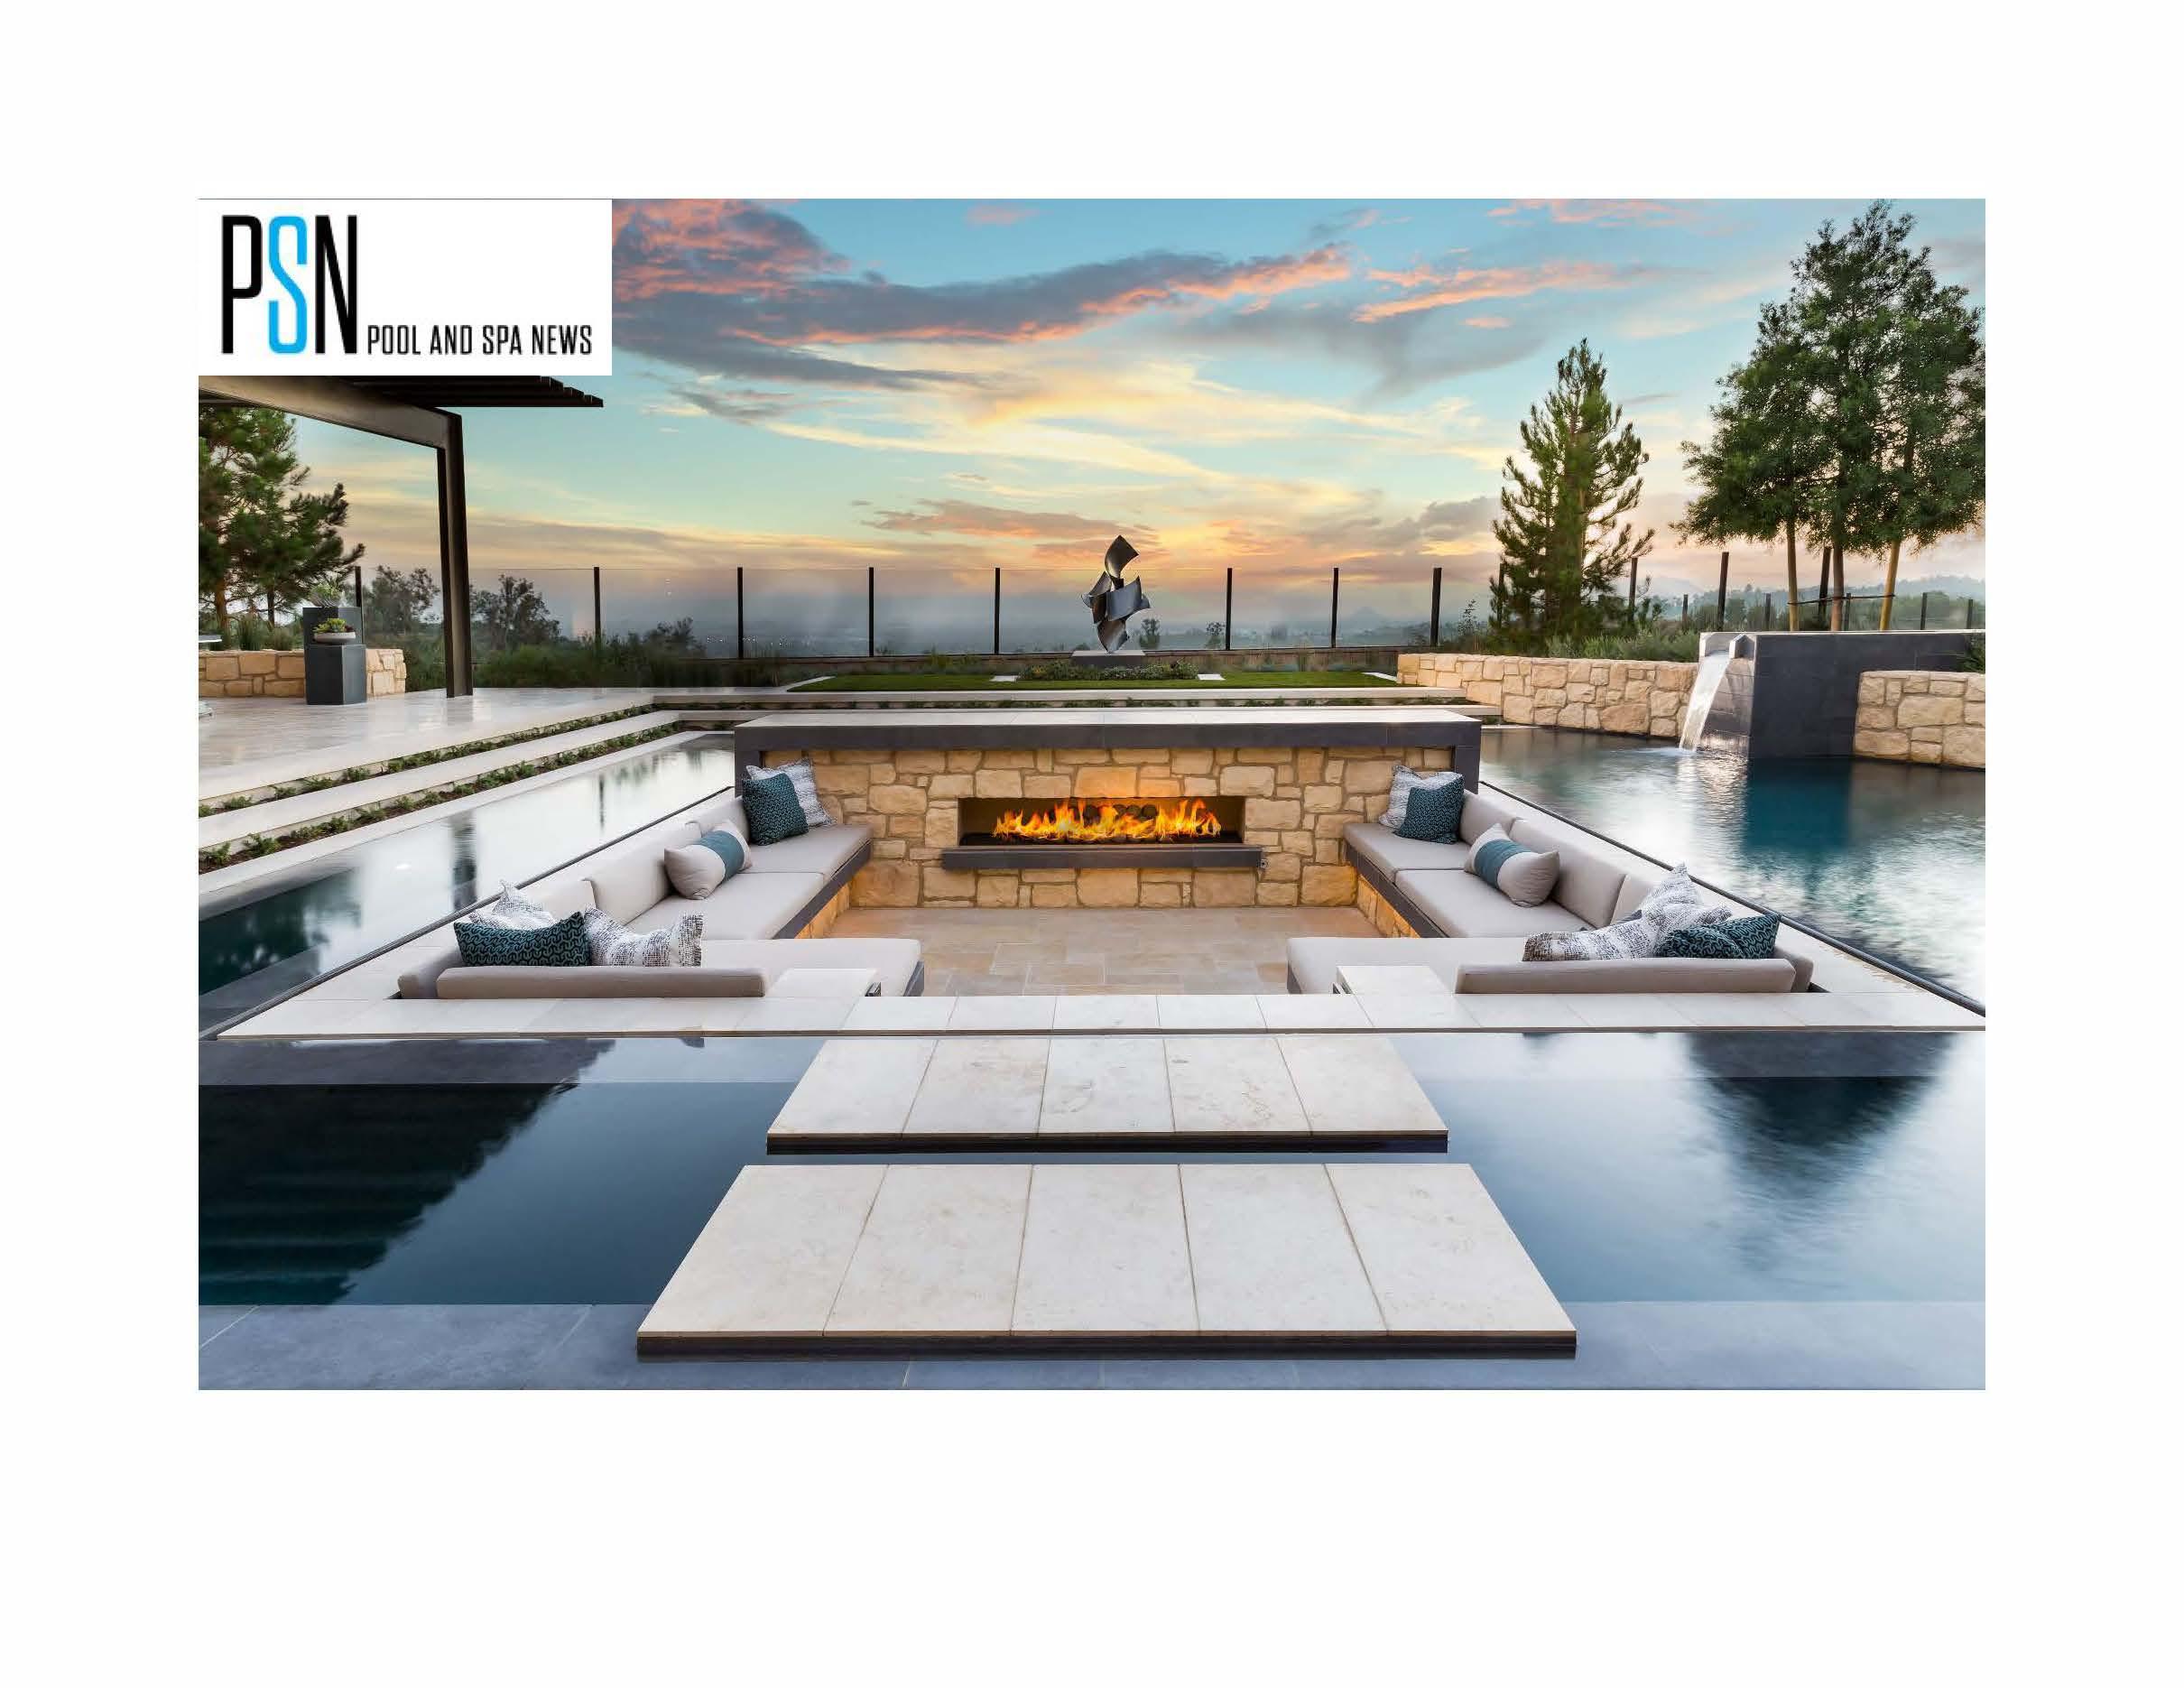 pool and spa news 2_Page_1.jpg